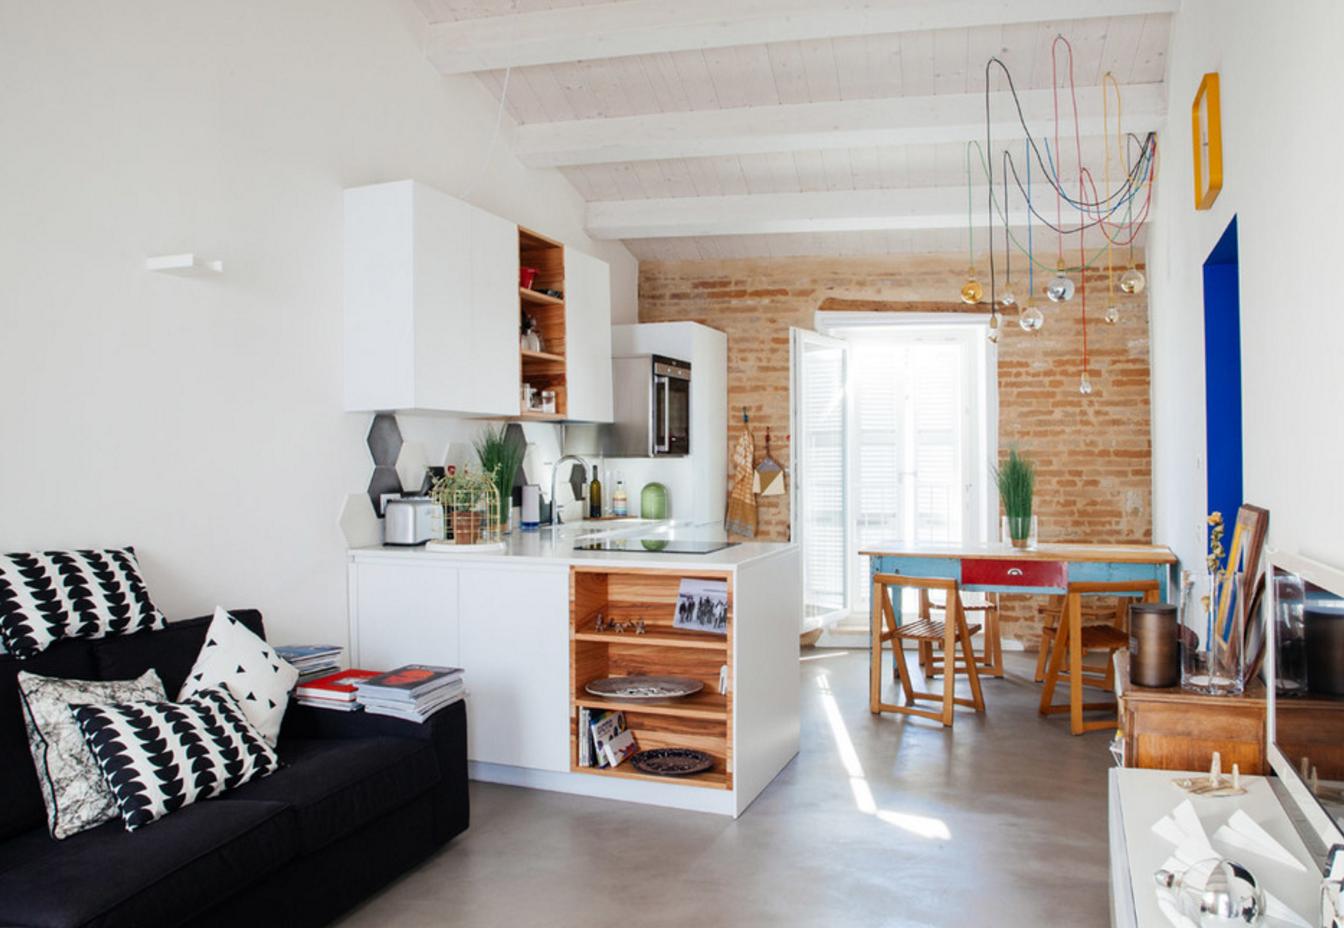 Case Piccole Come Arredarle : Ecco come arredare una casa con poco spazio